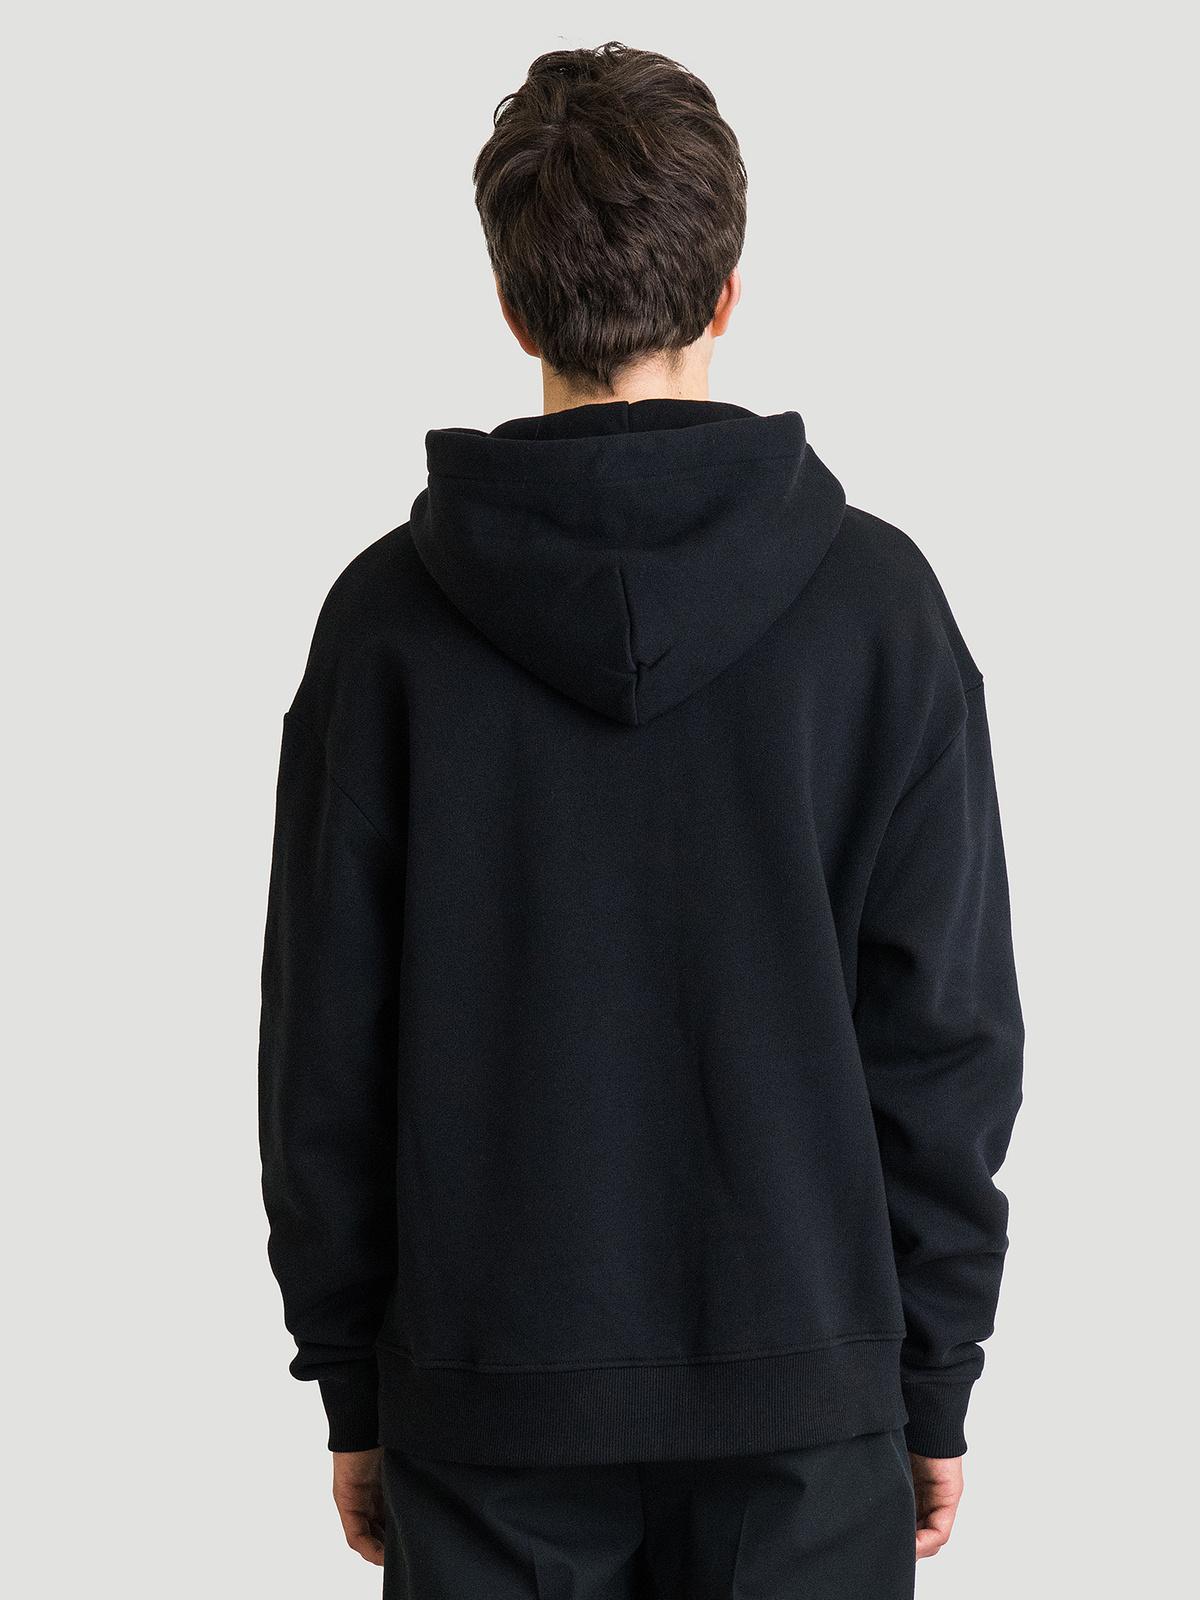 Hanger Hoodie  Black 10